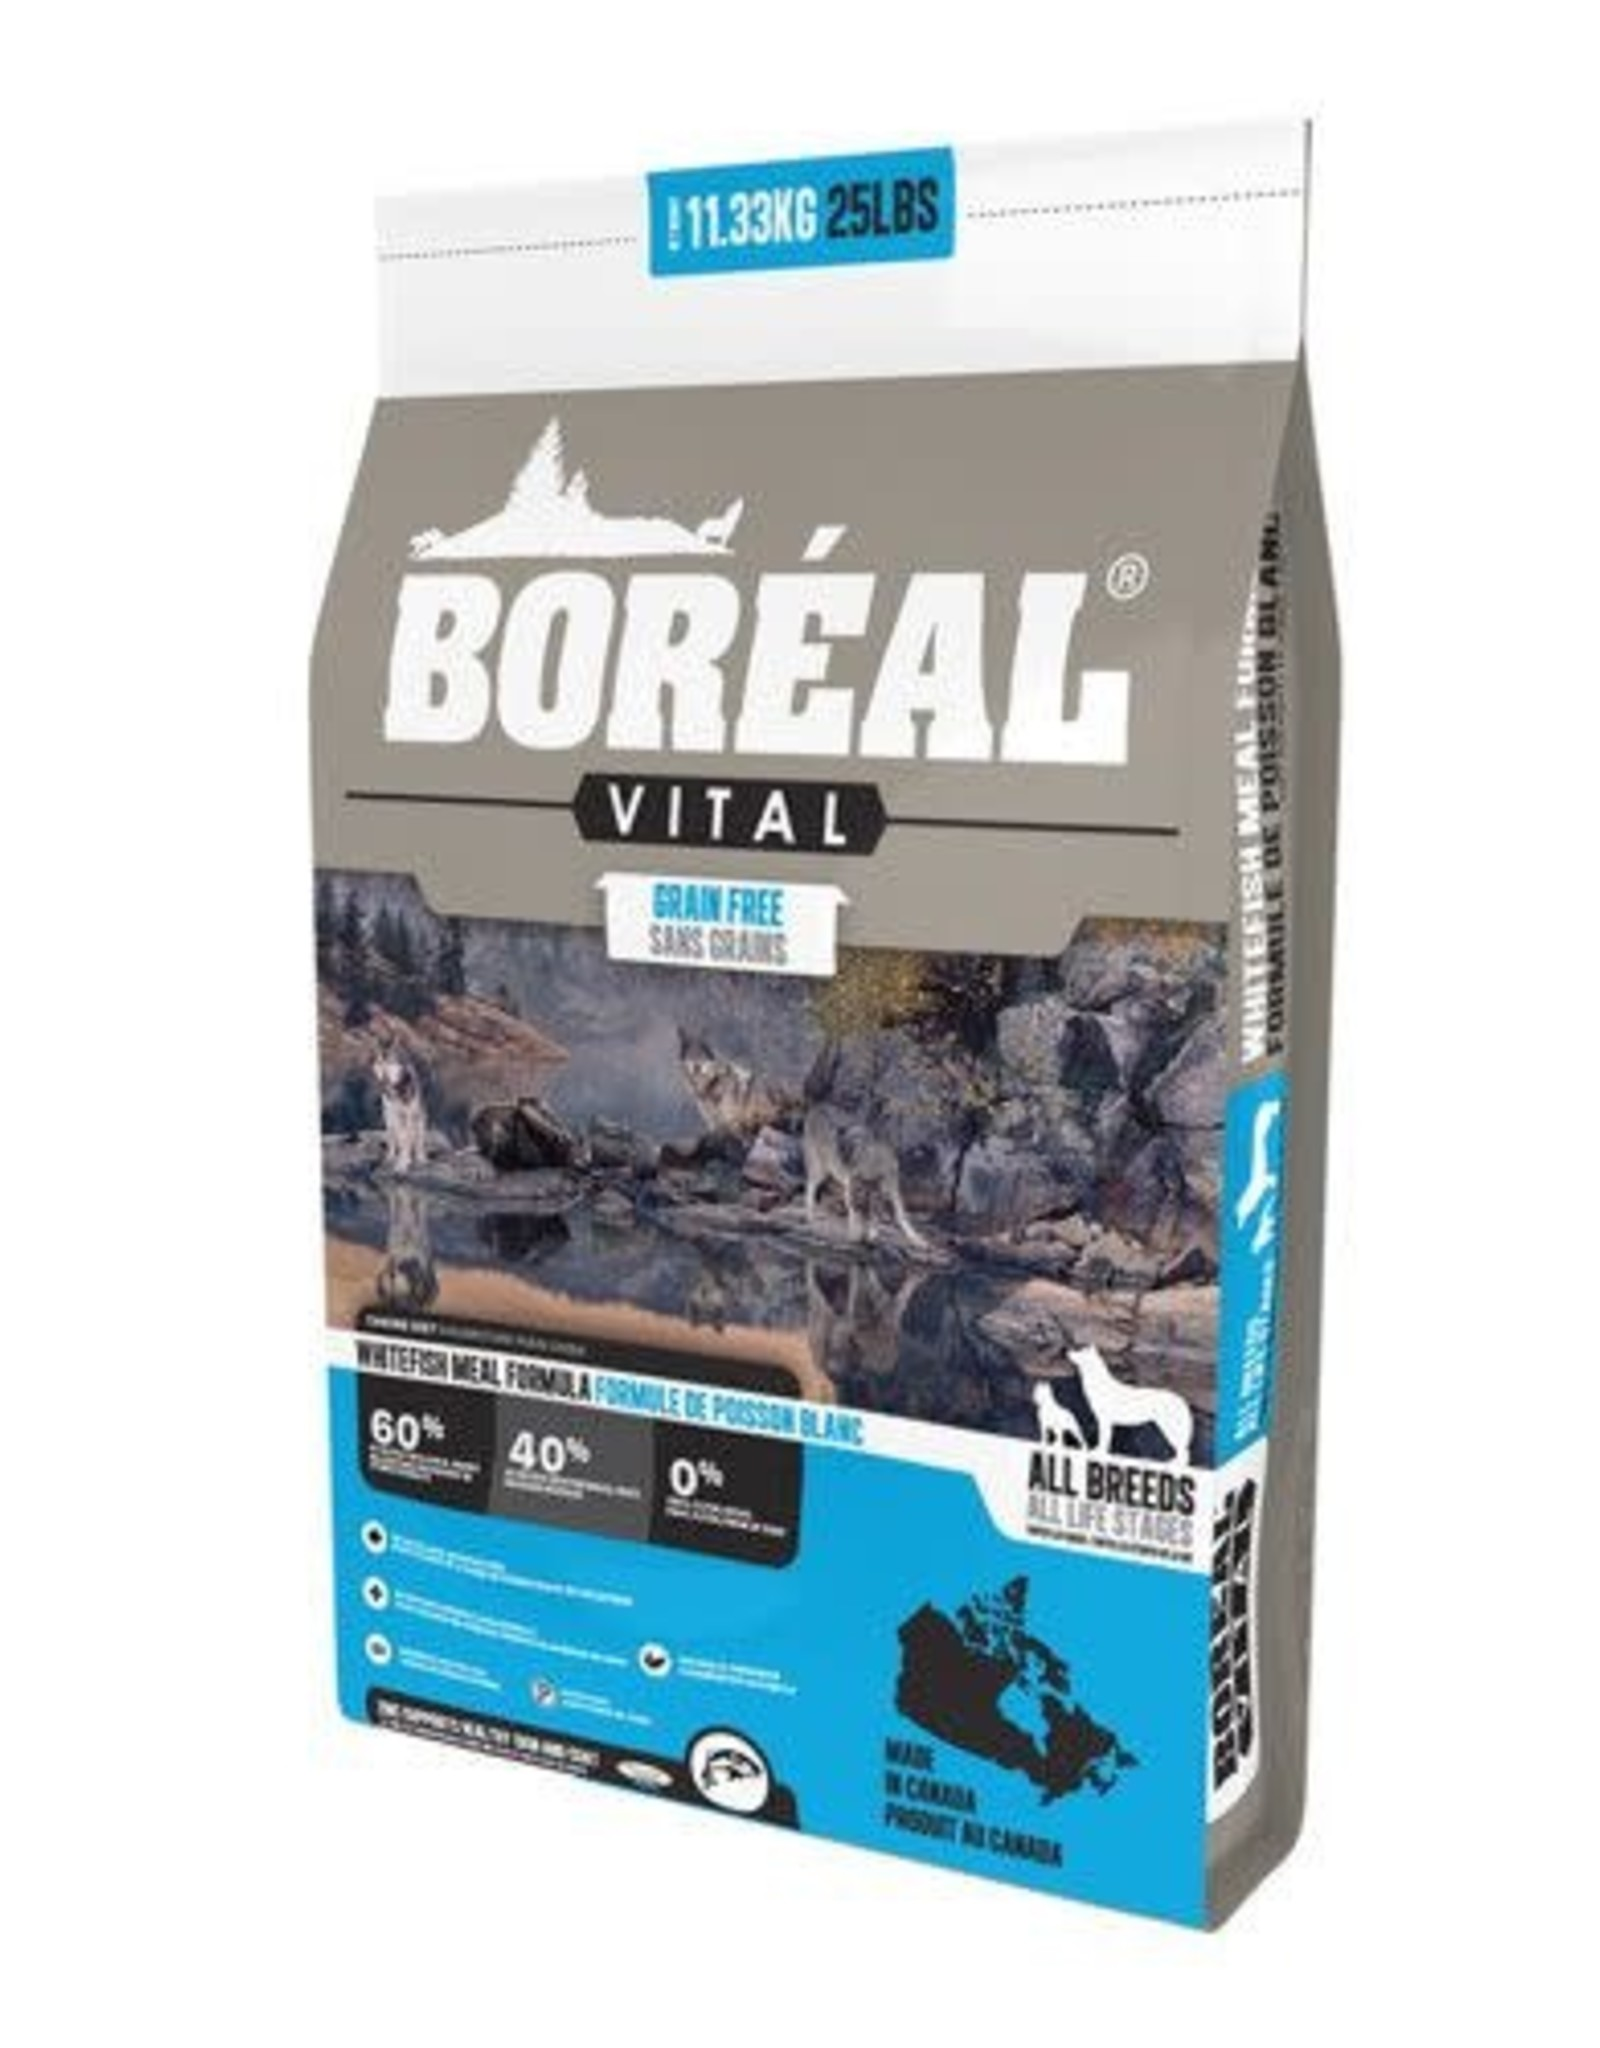 Boreal Boreal Vital Dry Dog